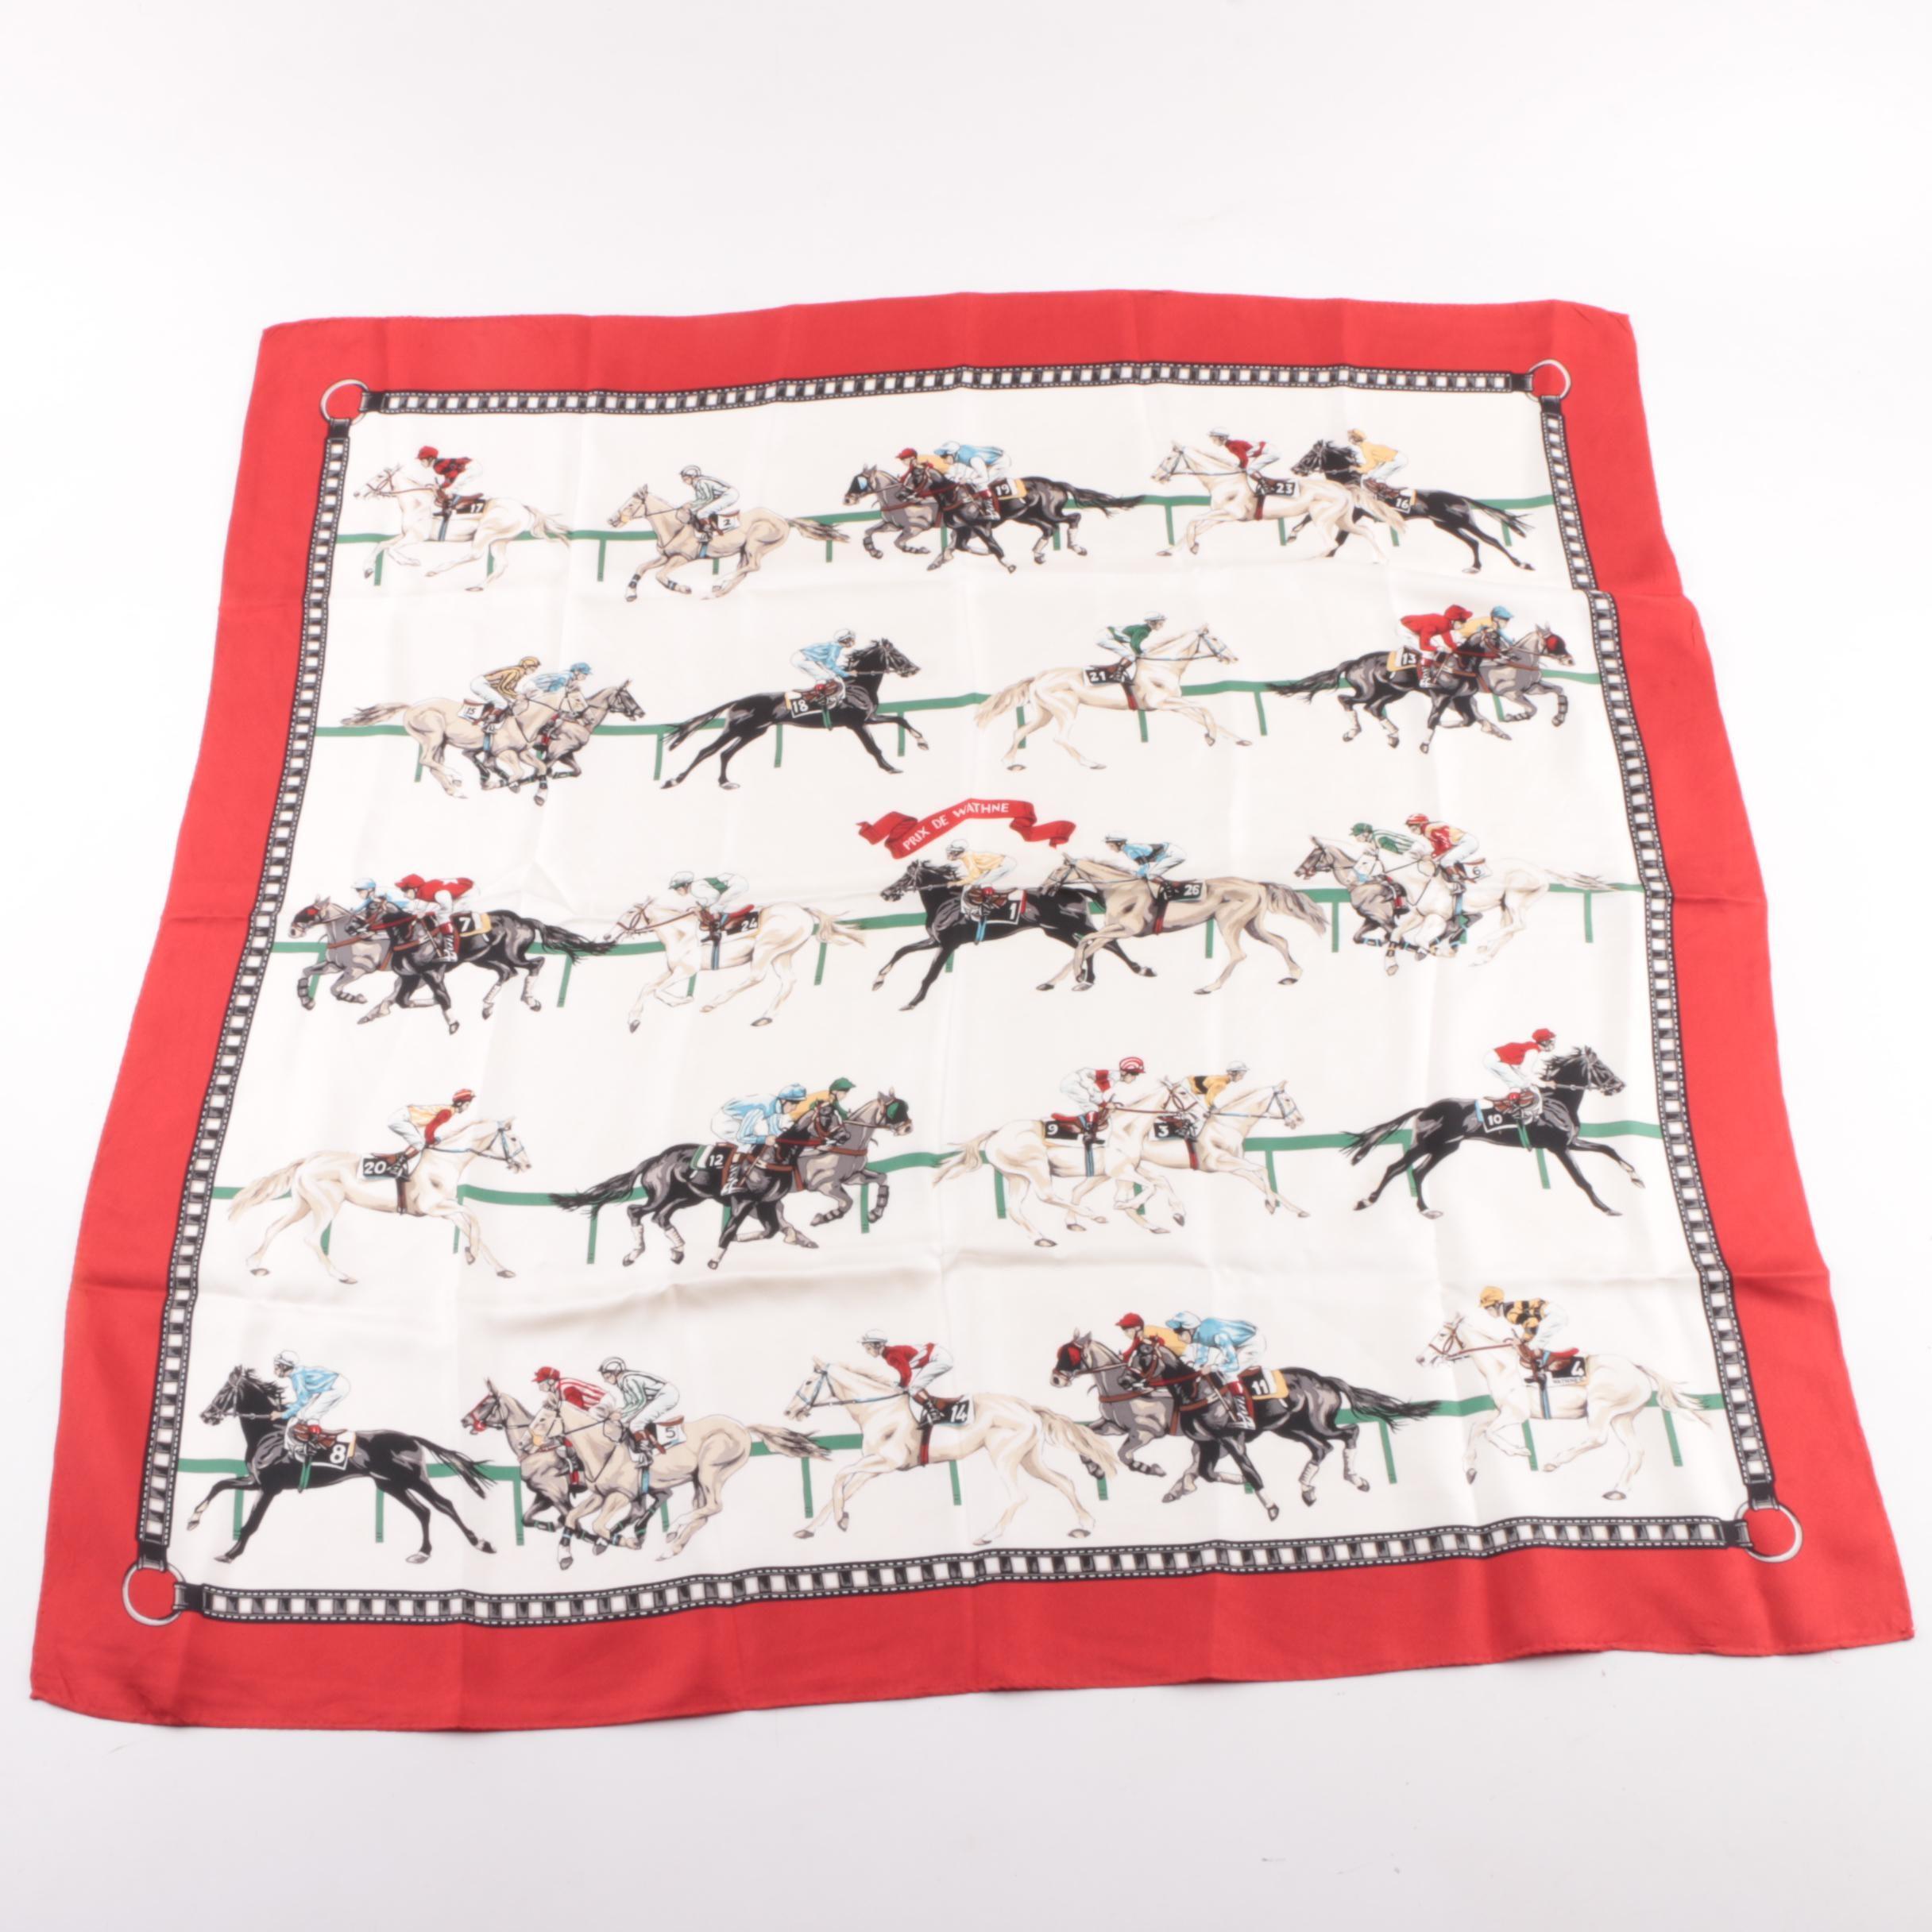 """Circa 1990s Wathne """"Prix de Wathne"""" Horse Racing Themed Silk Scarf"""